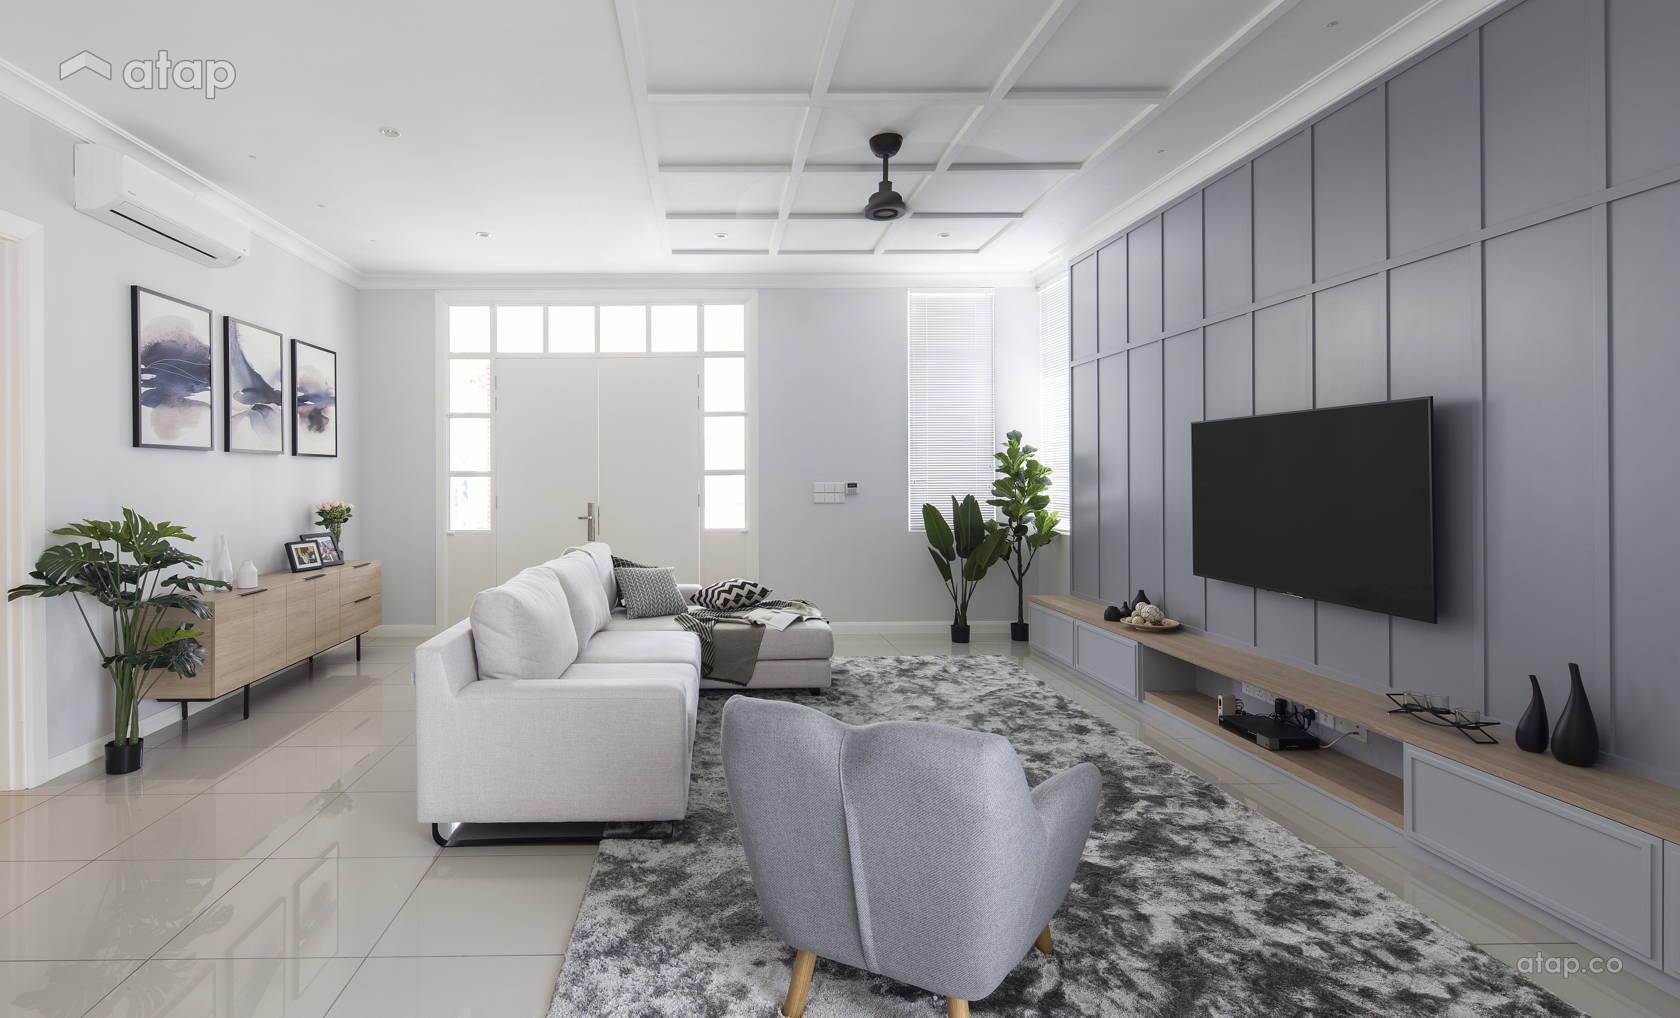 setia-eco-park-shah-alam-box-design-studio-minimalist-living-room